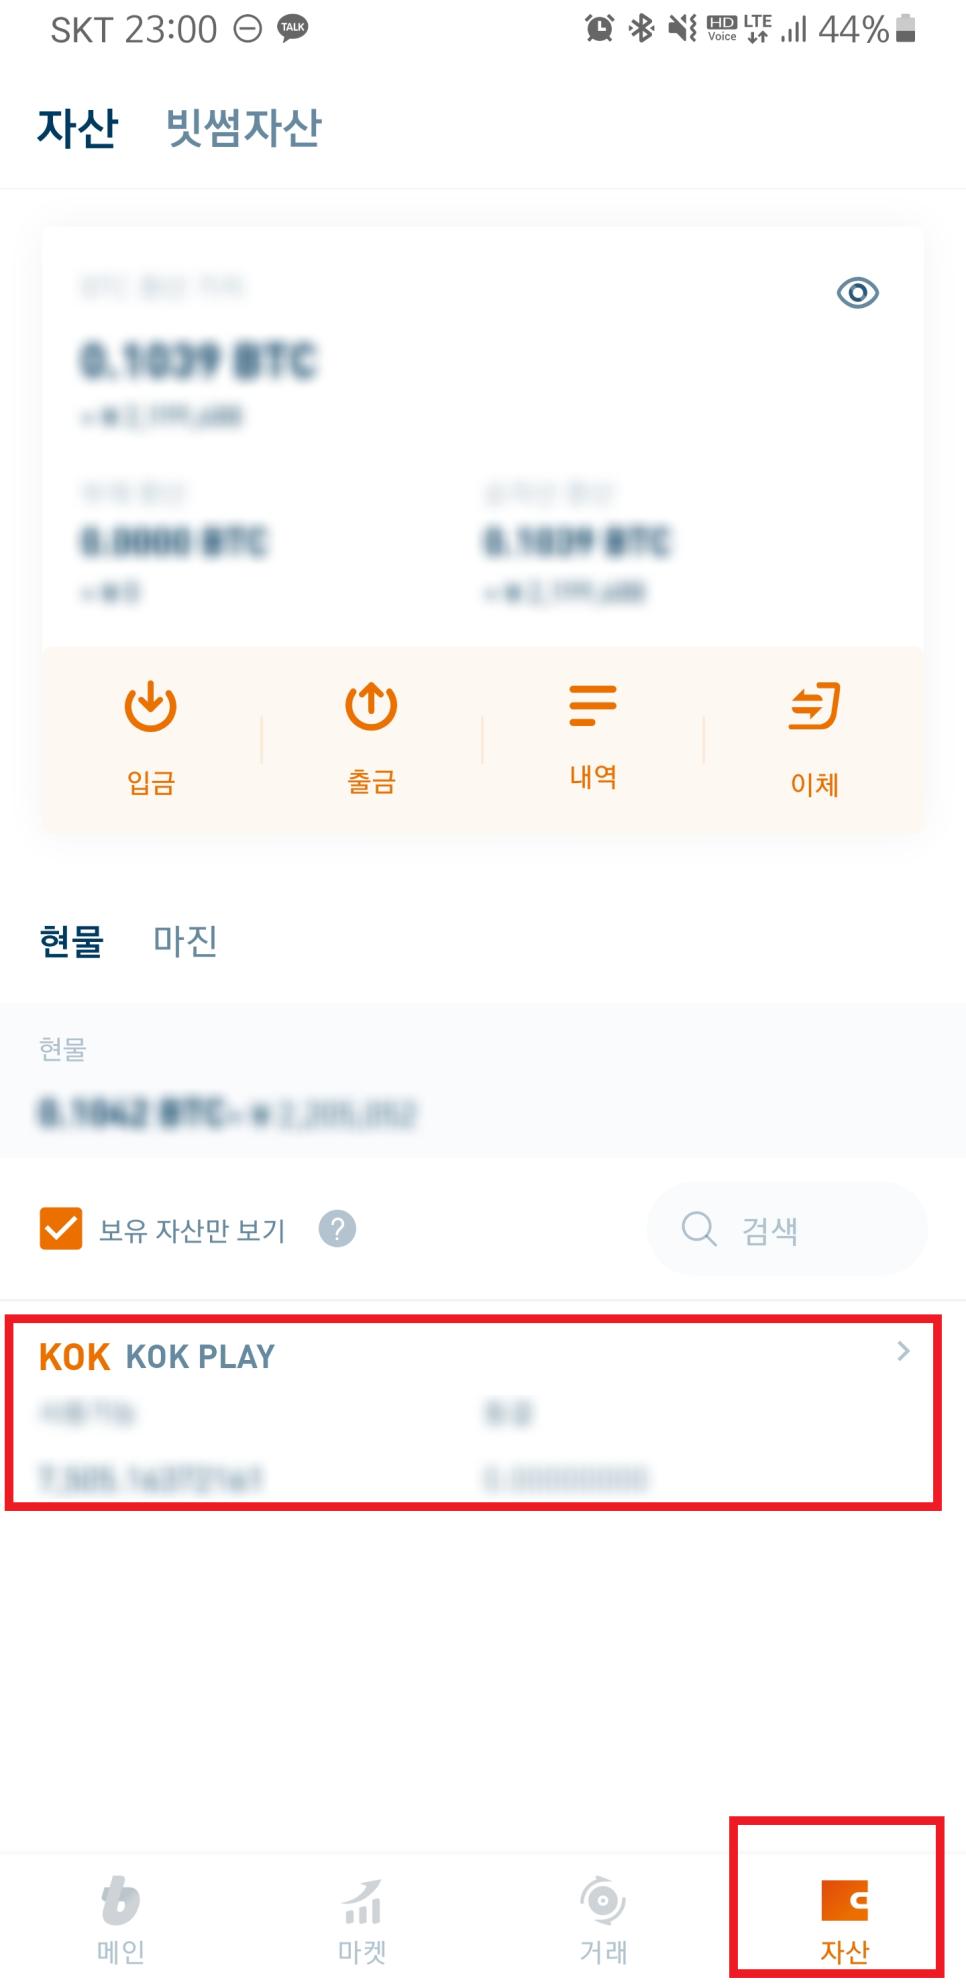 콕플레이(KOK PLAY) 메뉴얼 2편 – 재스테이킹 & 출금 방법插图26